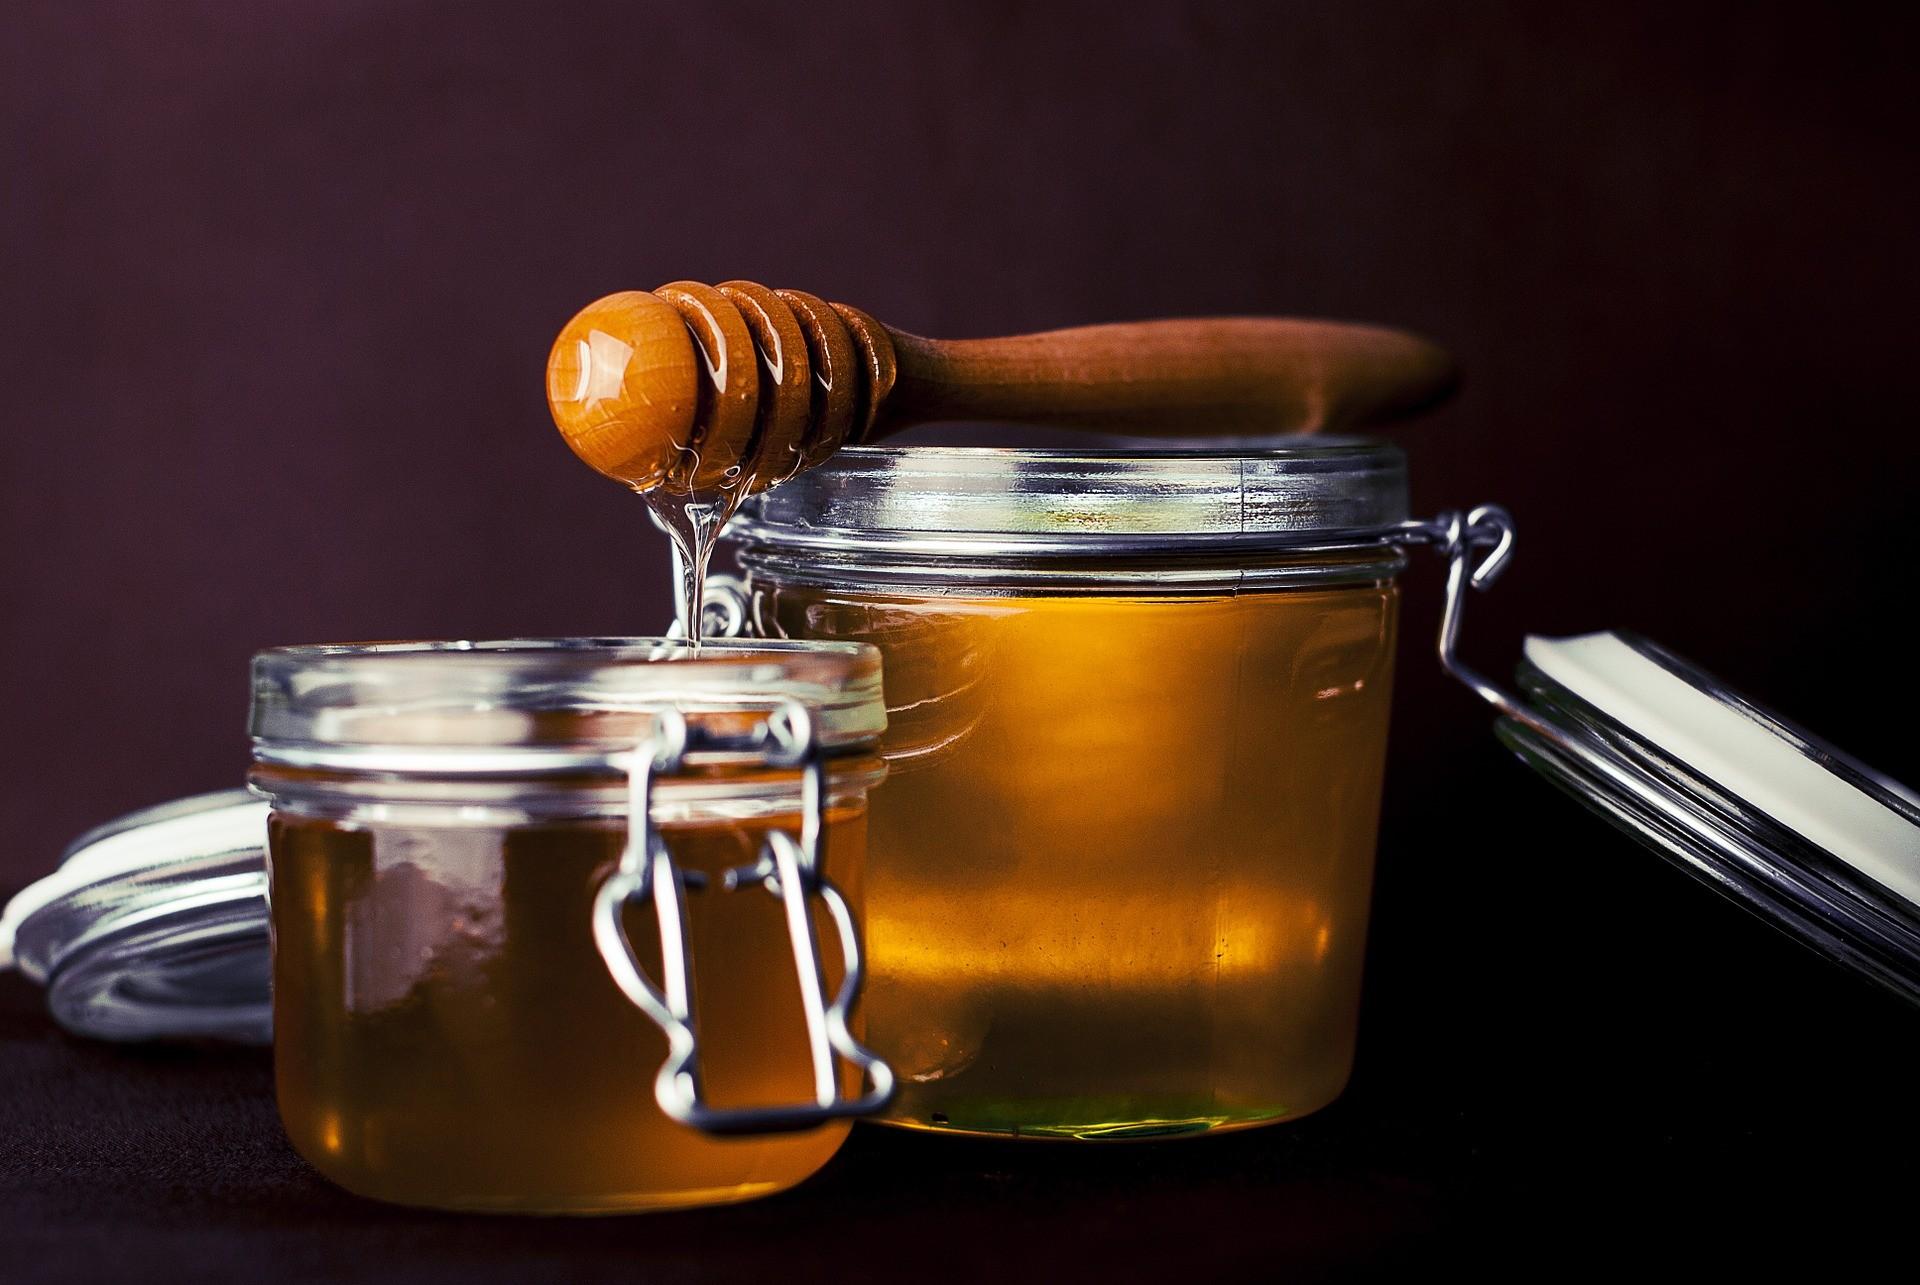 Bild: 2 Gläser mit Honig